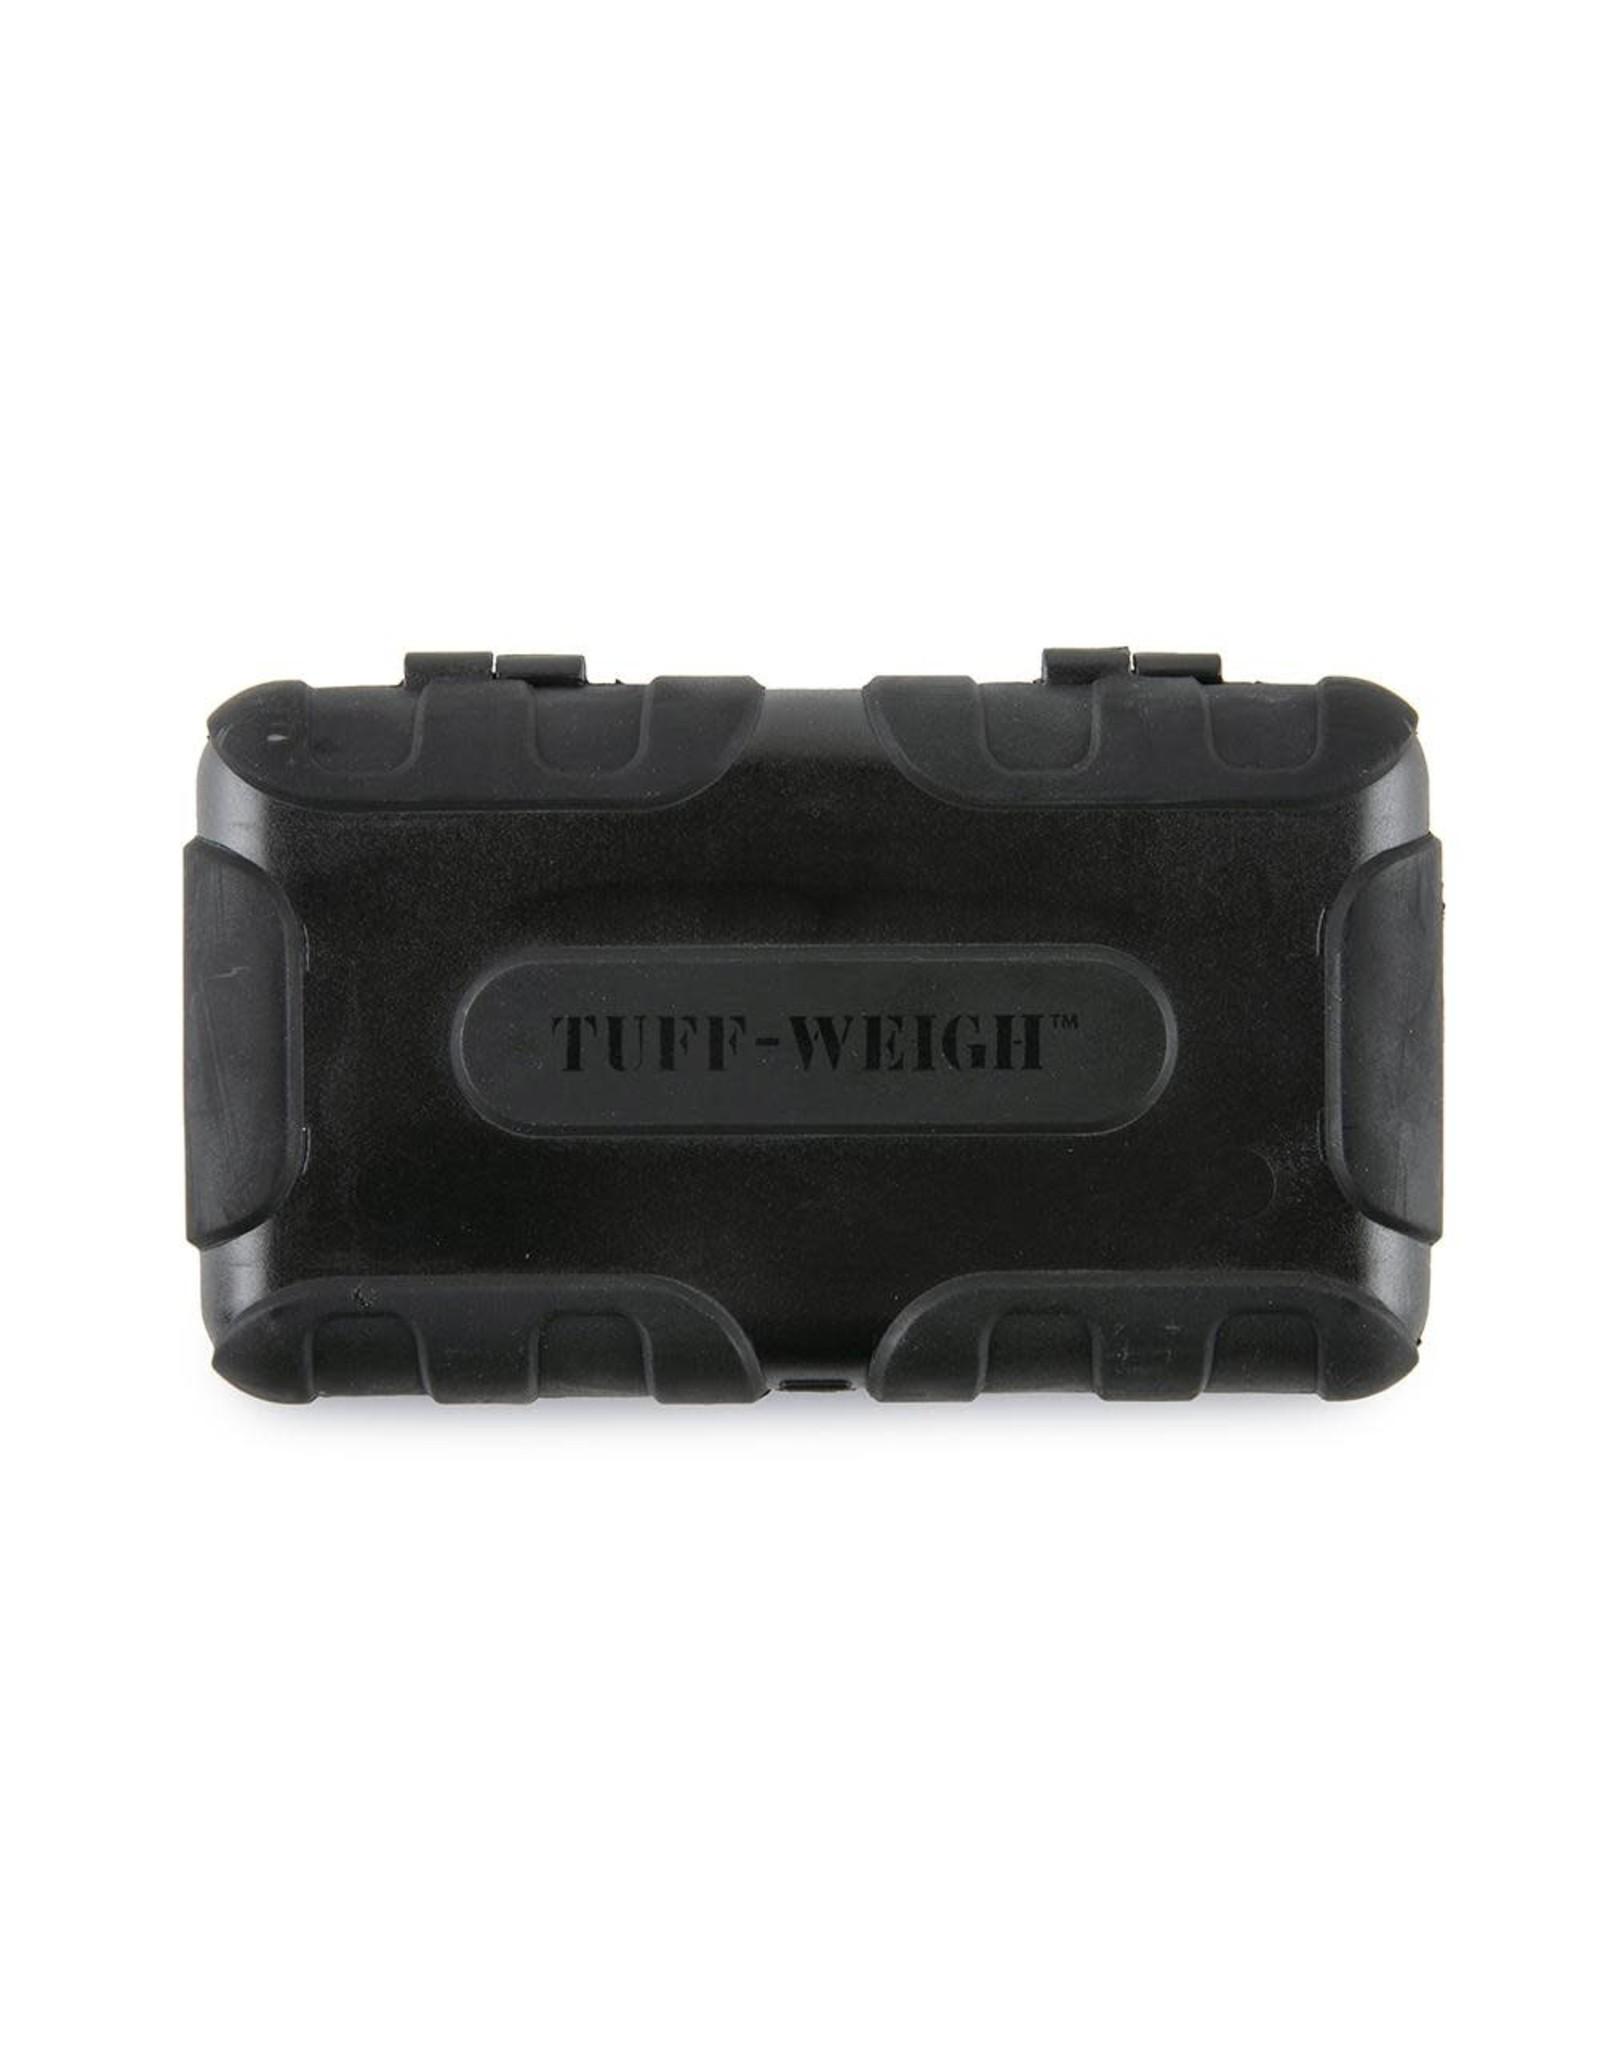 truweigh Truweigh Tuff Weigh 1000g 0.1g Black